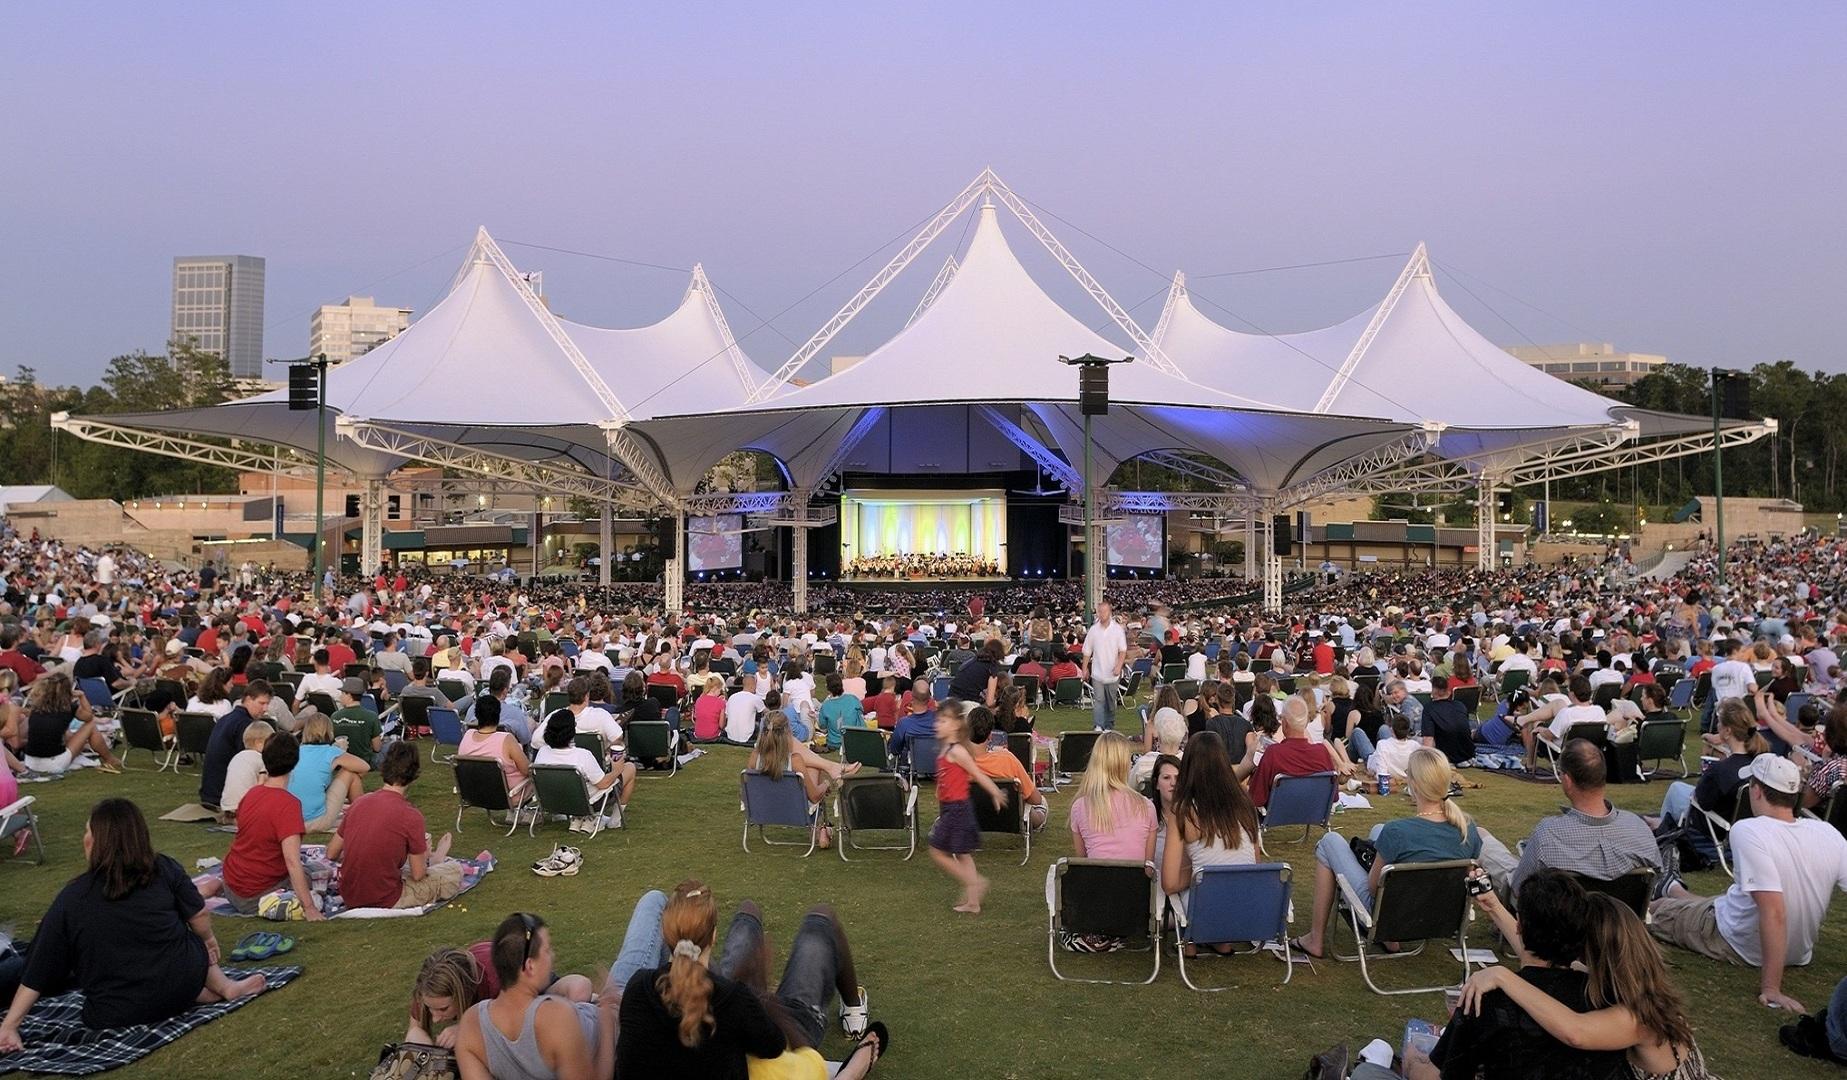 Colorado Music and Arts Festival - Colorado Music and Arts Festival